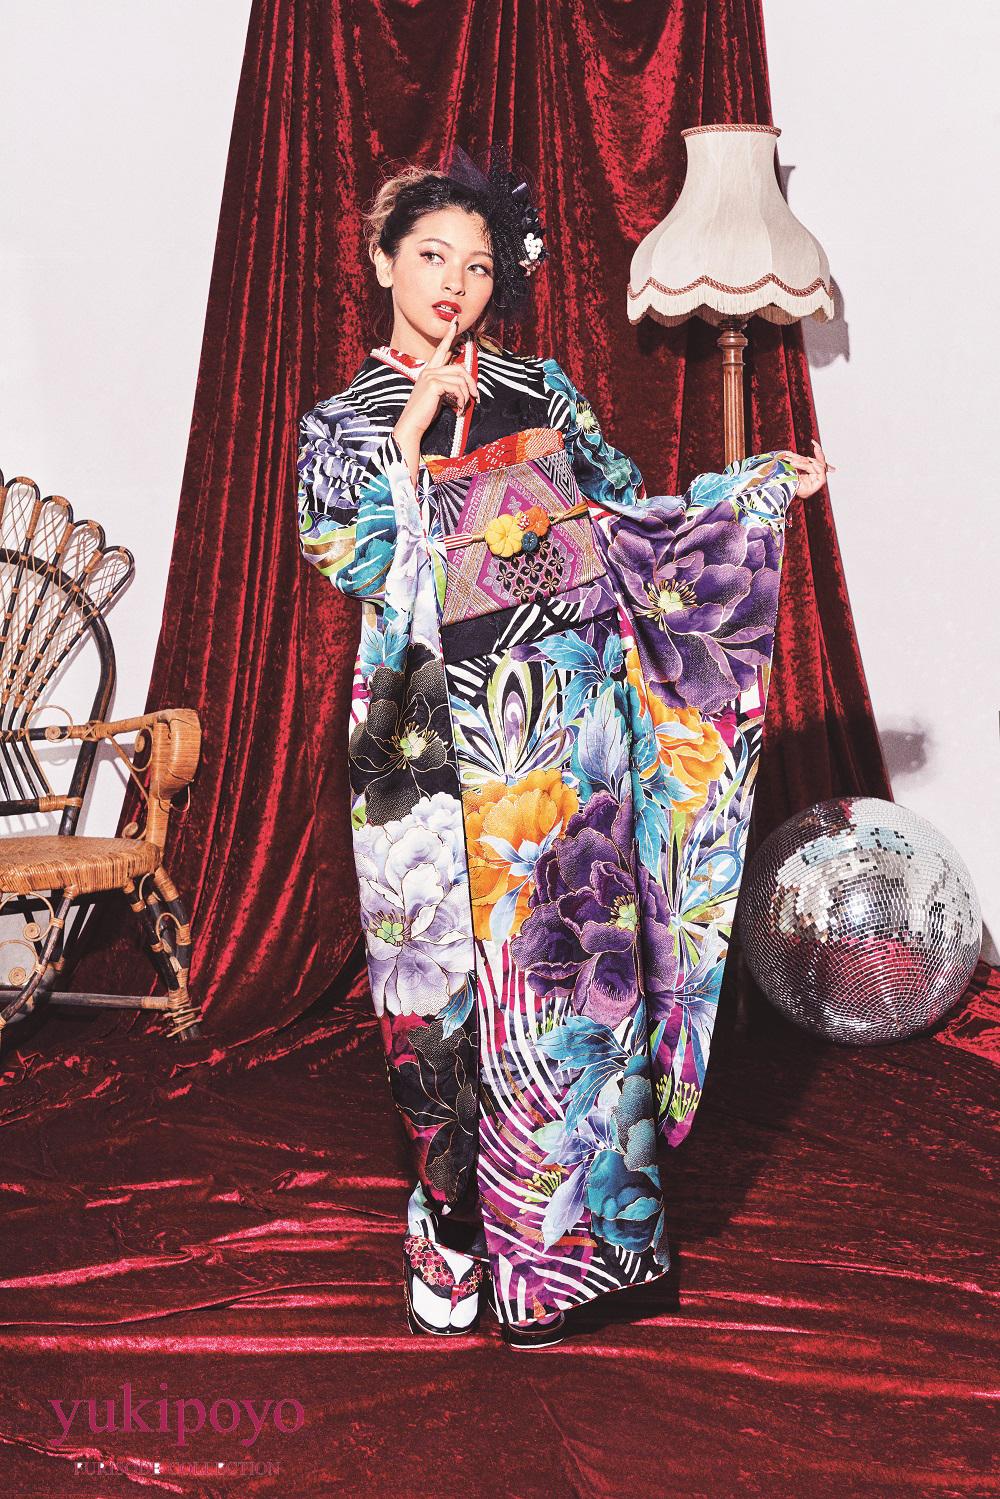 ゆきぽよモデル 振袖 青紫